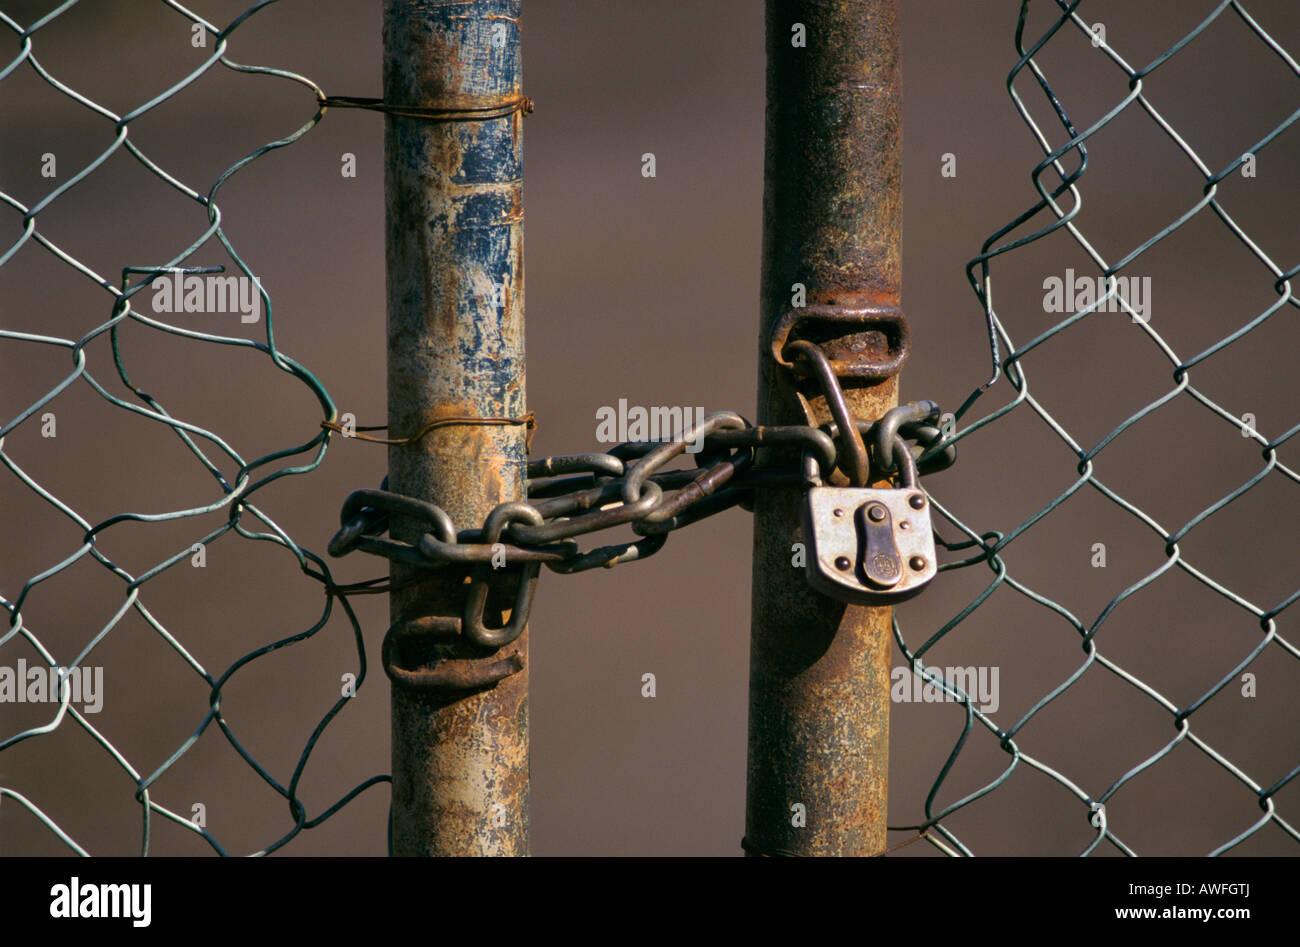 Puerta eslabonada con cadena y candado, Renania del Norte-Westfalia, Alemania, Europa Imagen De Stock